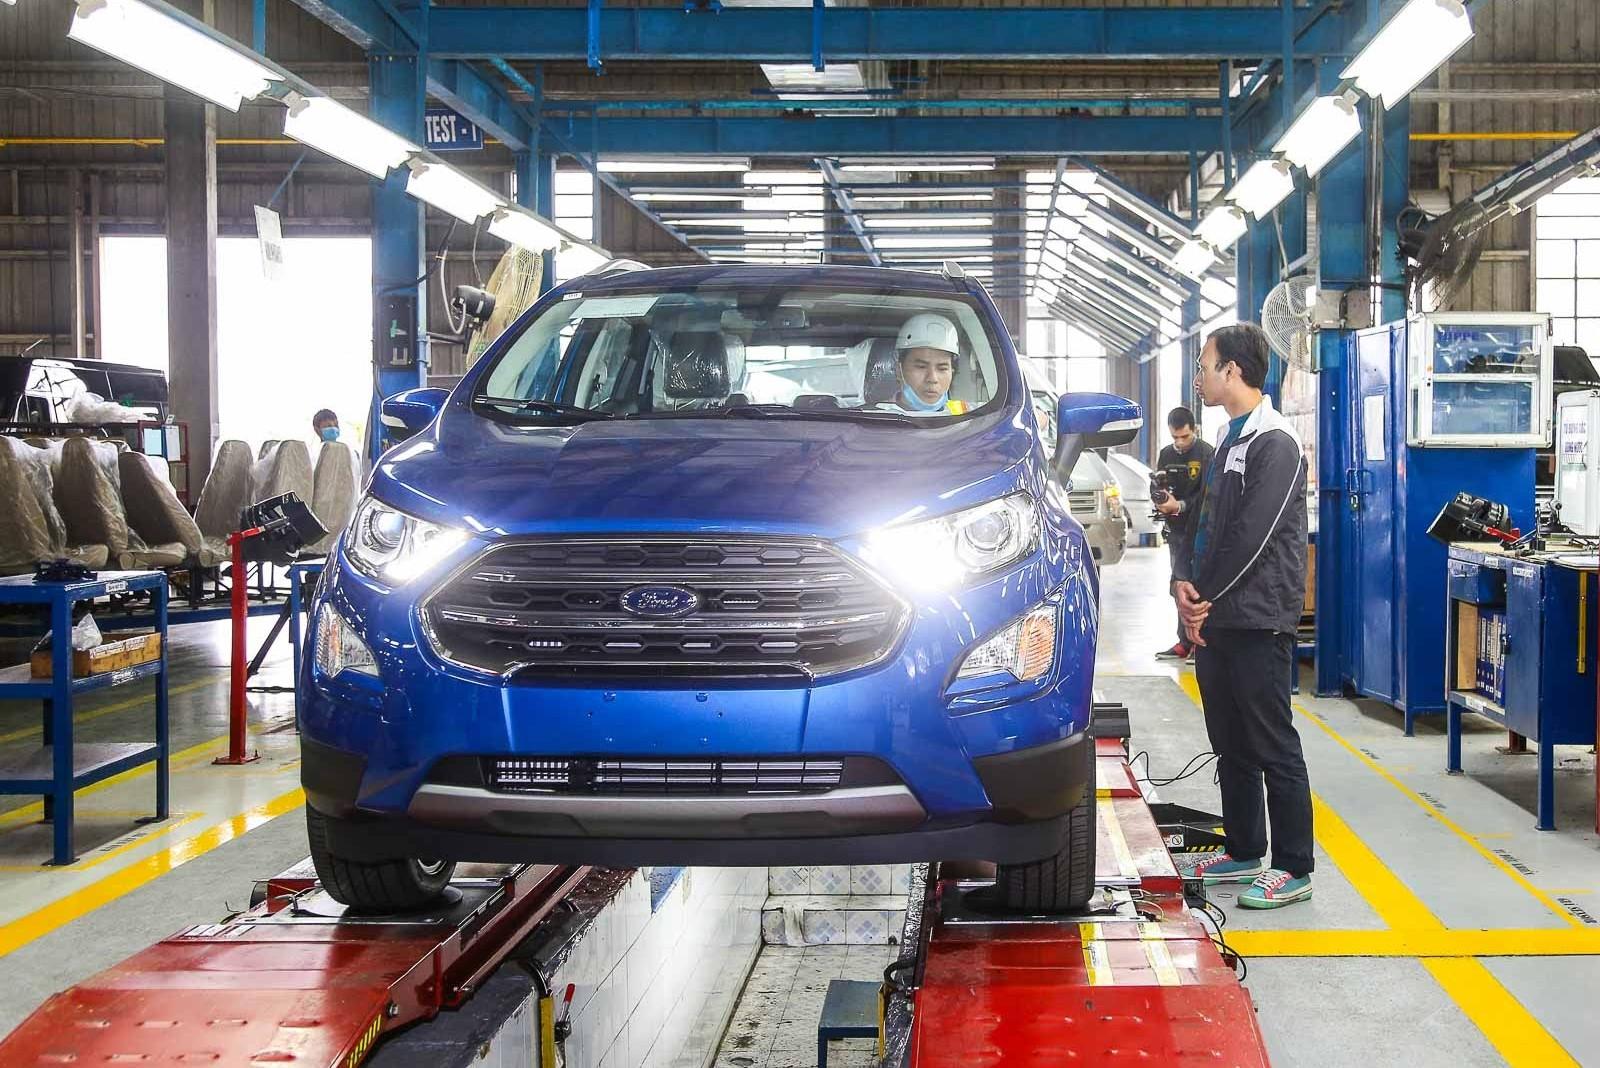 Ford Việt Nam đầu tư hơn 1,9 nghìn tỷ đồng mở rộng nhà máy Hải Dương, quyết đấu Toyota, Thaco?